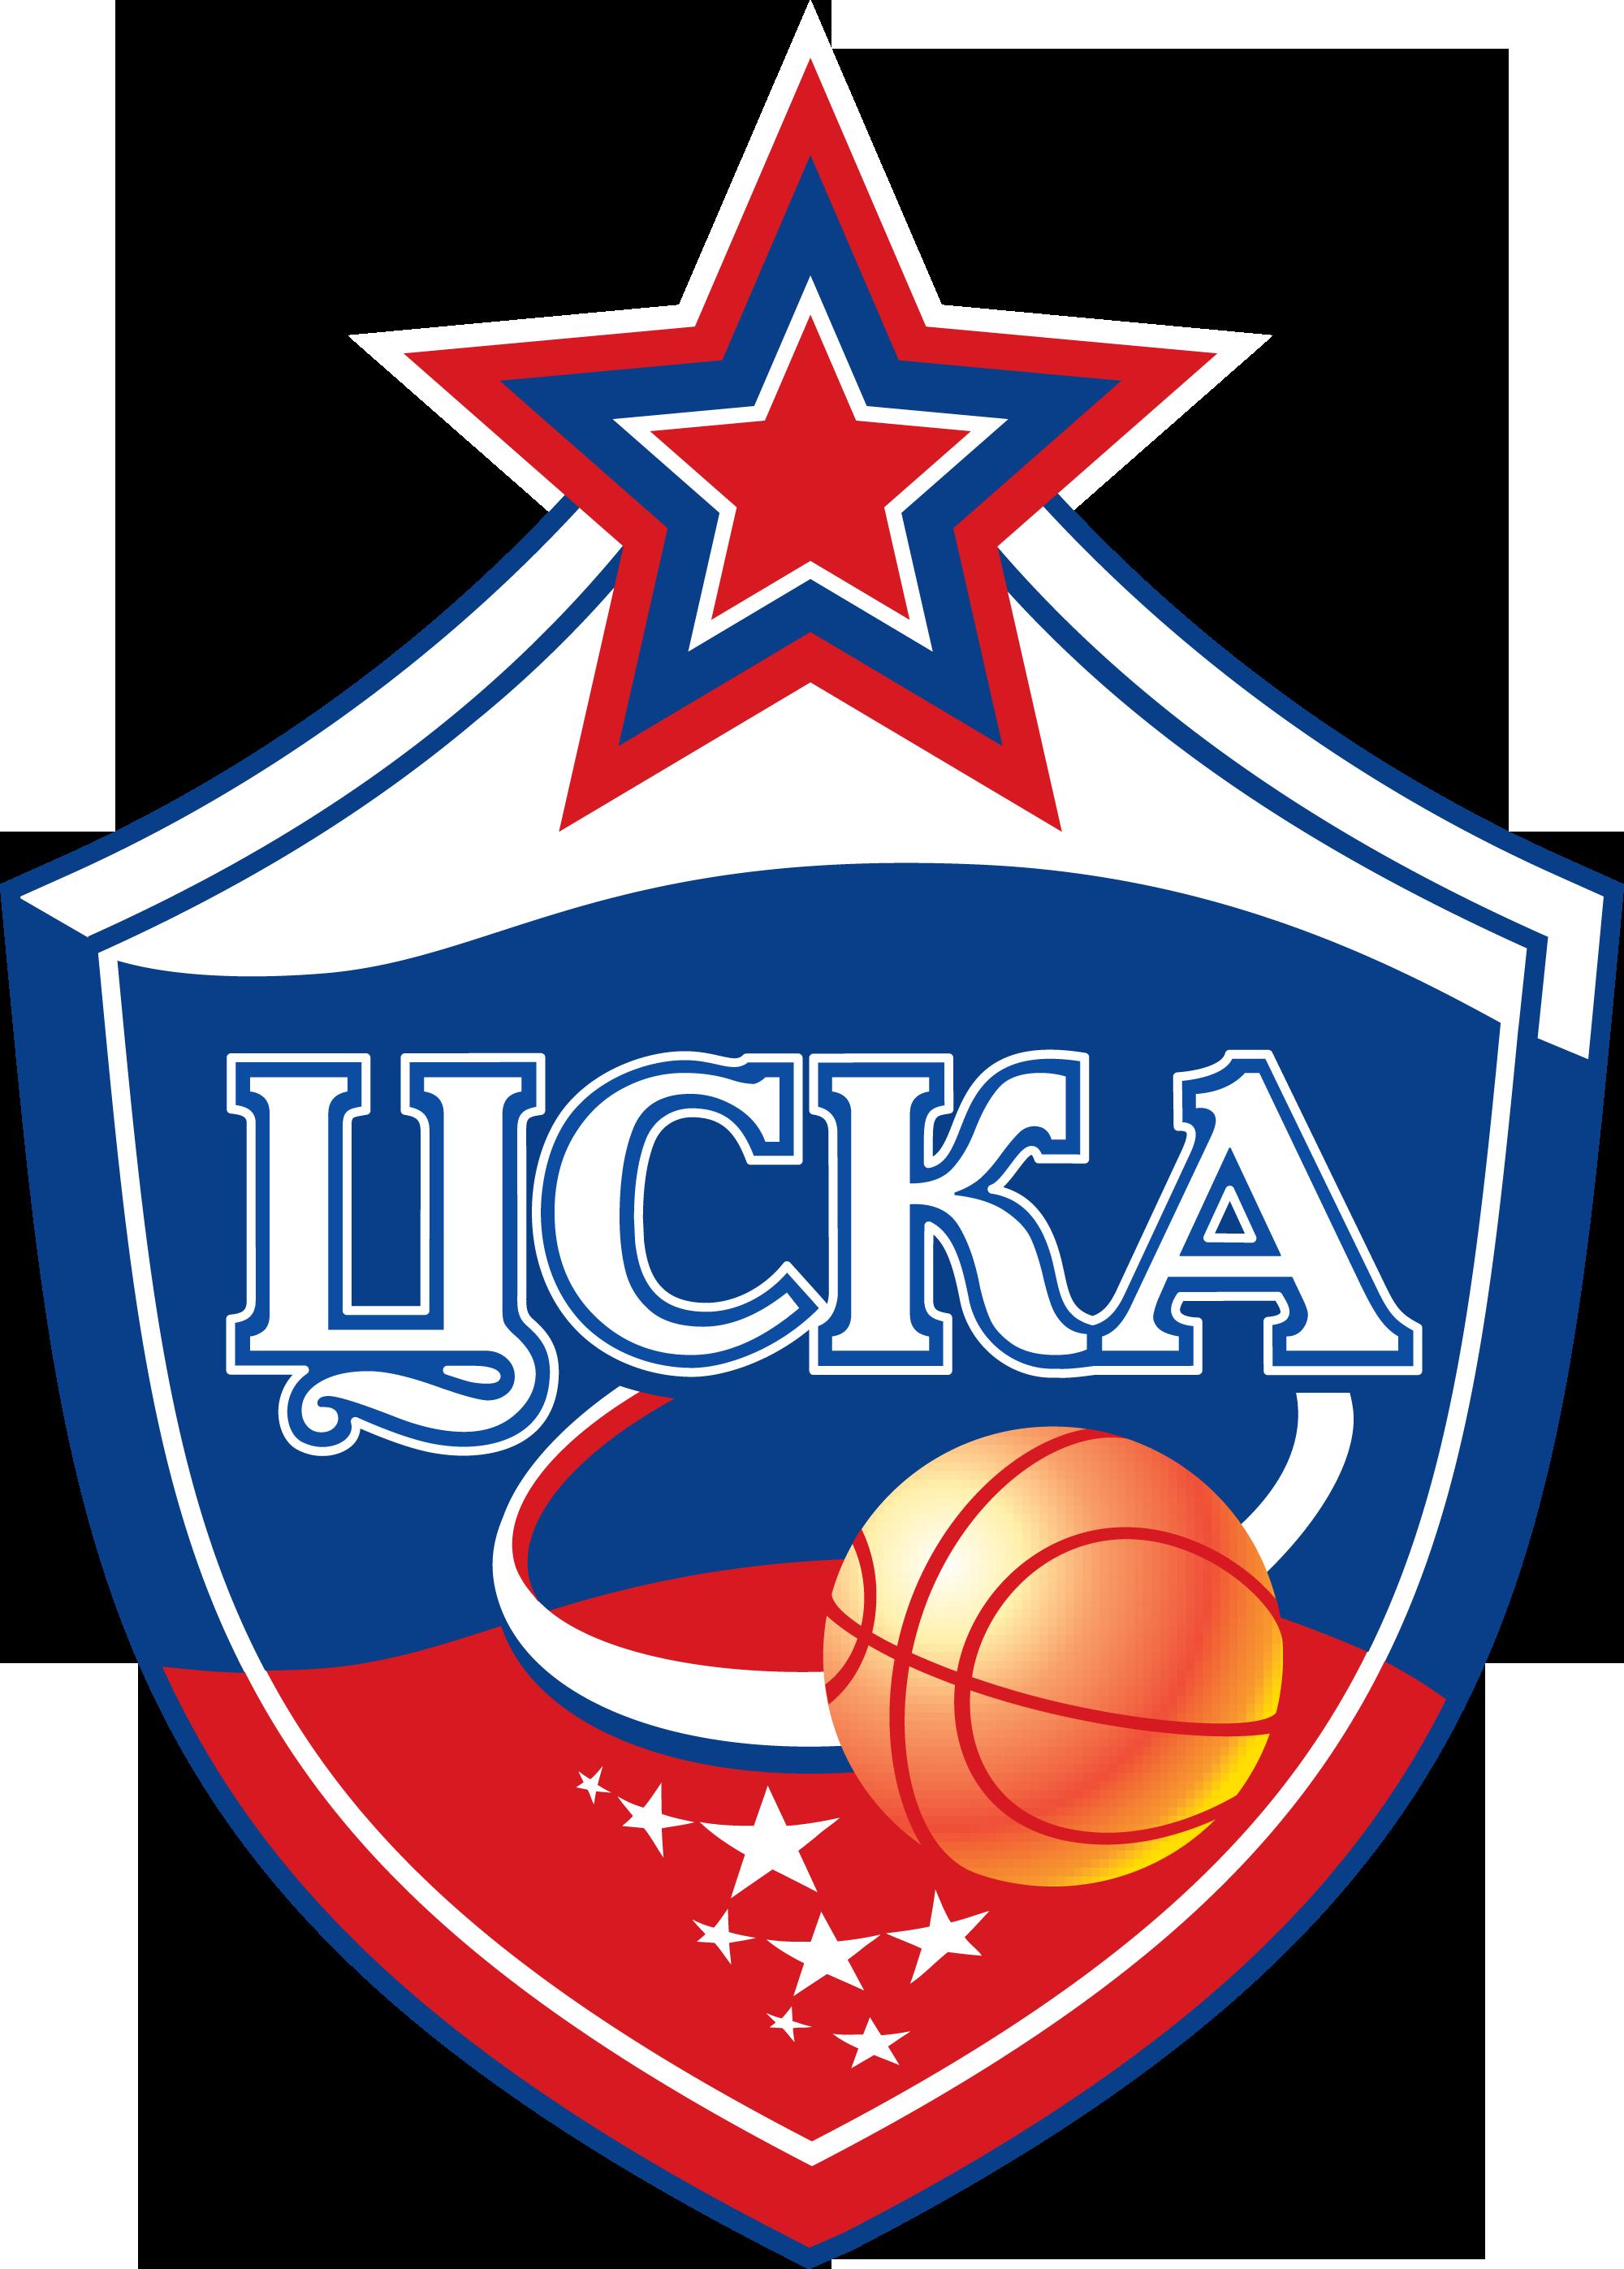 Векторная эмблема (логотип) баскетбольного клуба ЦСКА